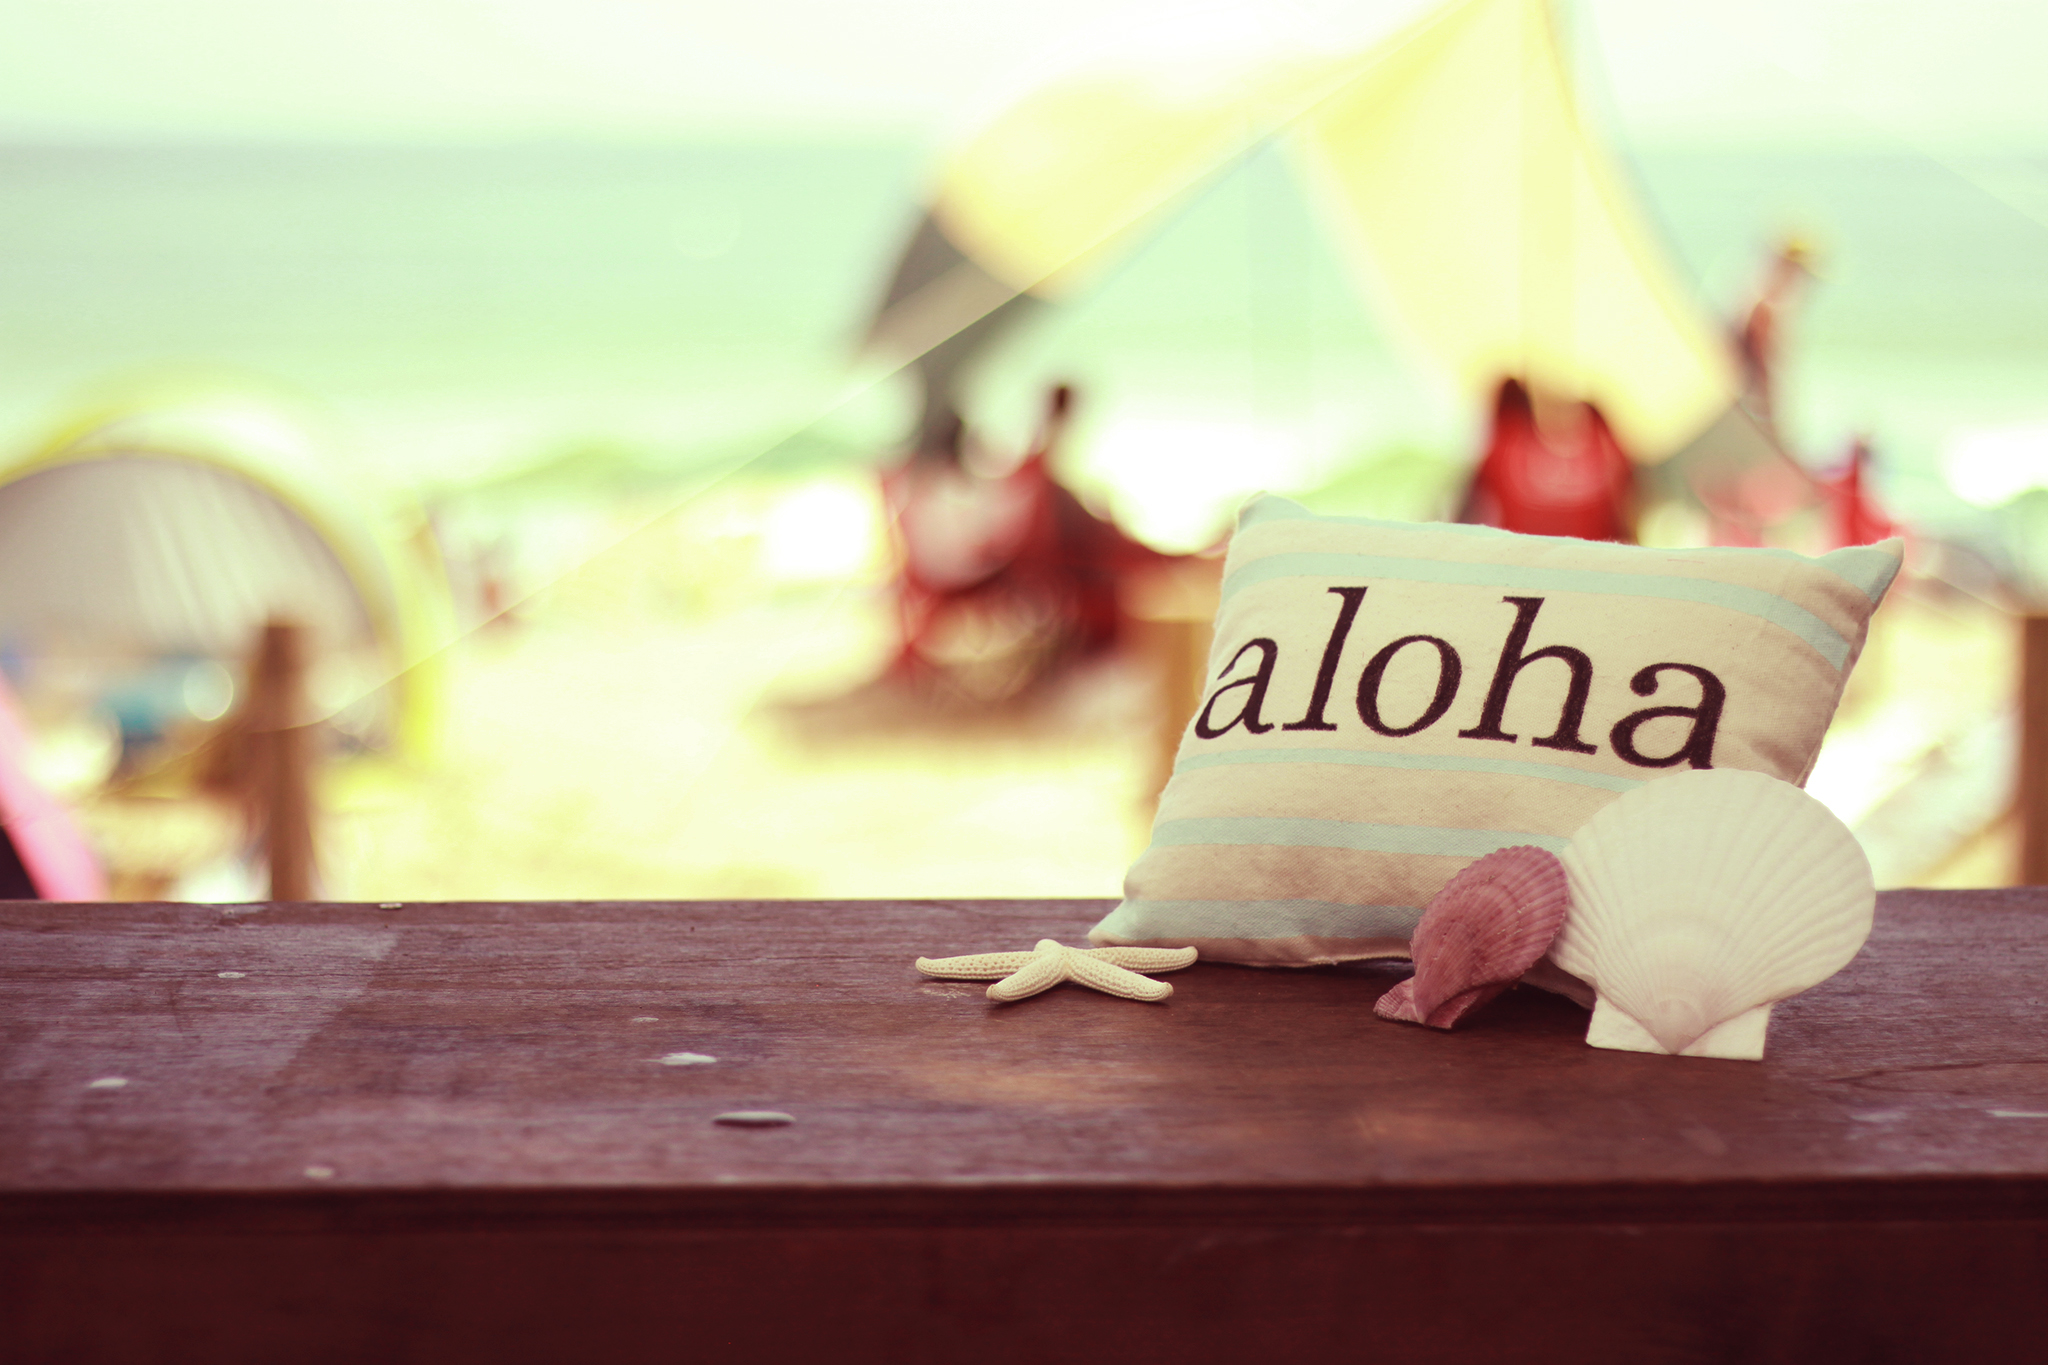 ハワイM&A投資情報 @Hawaii